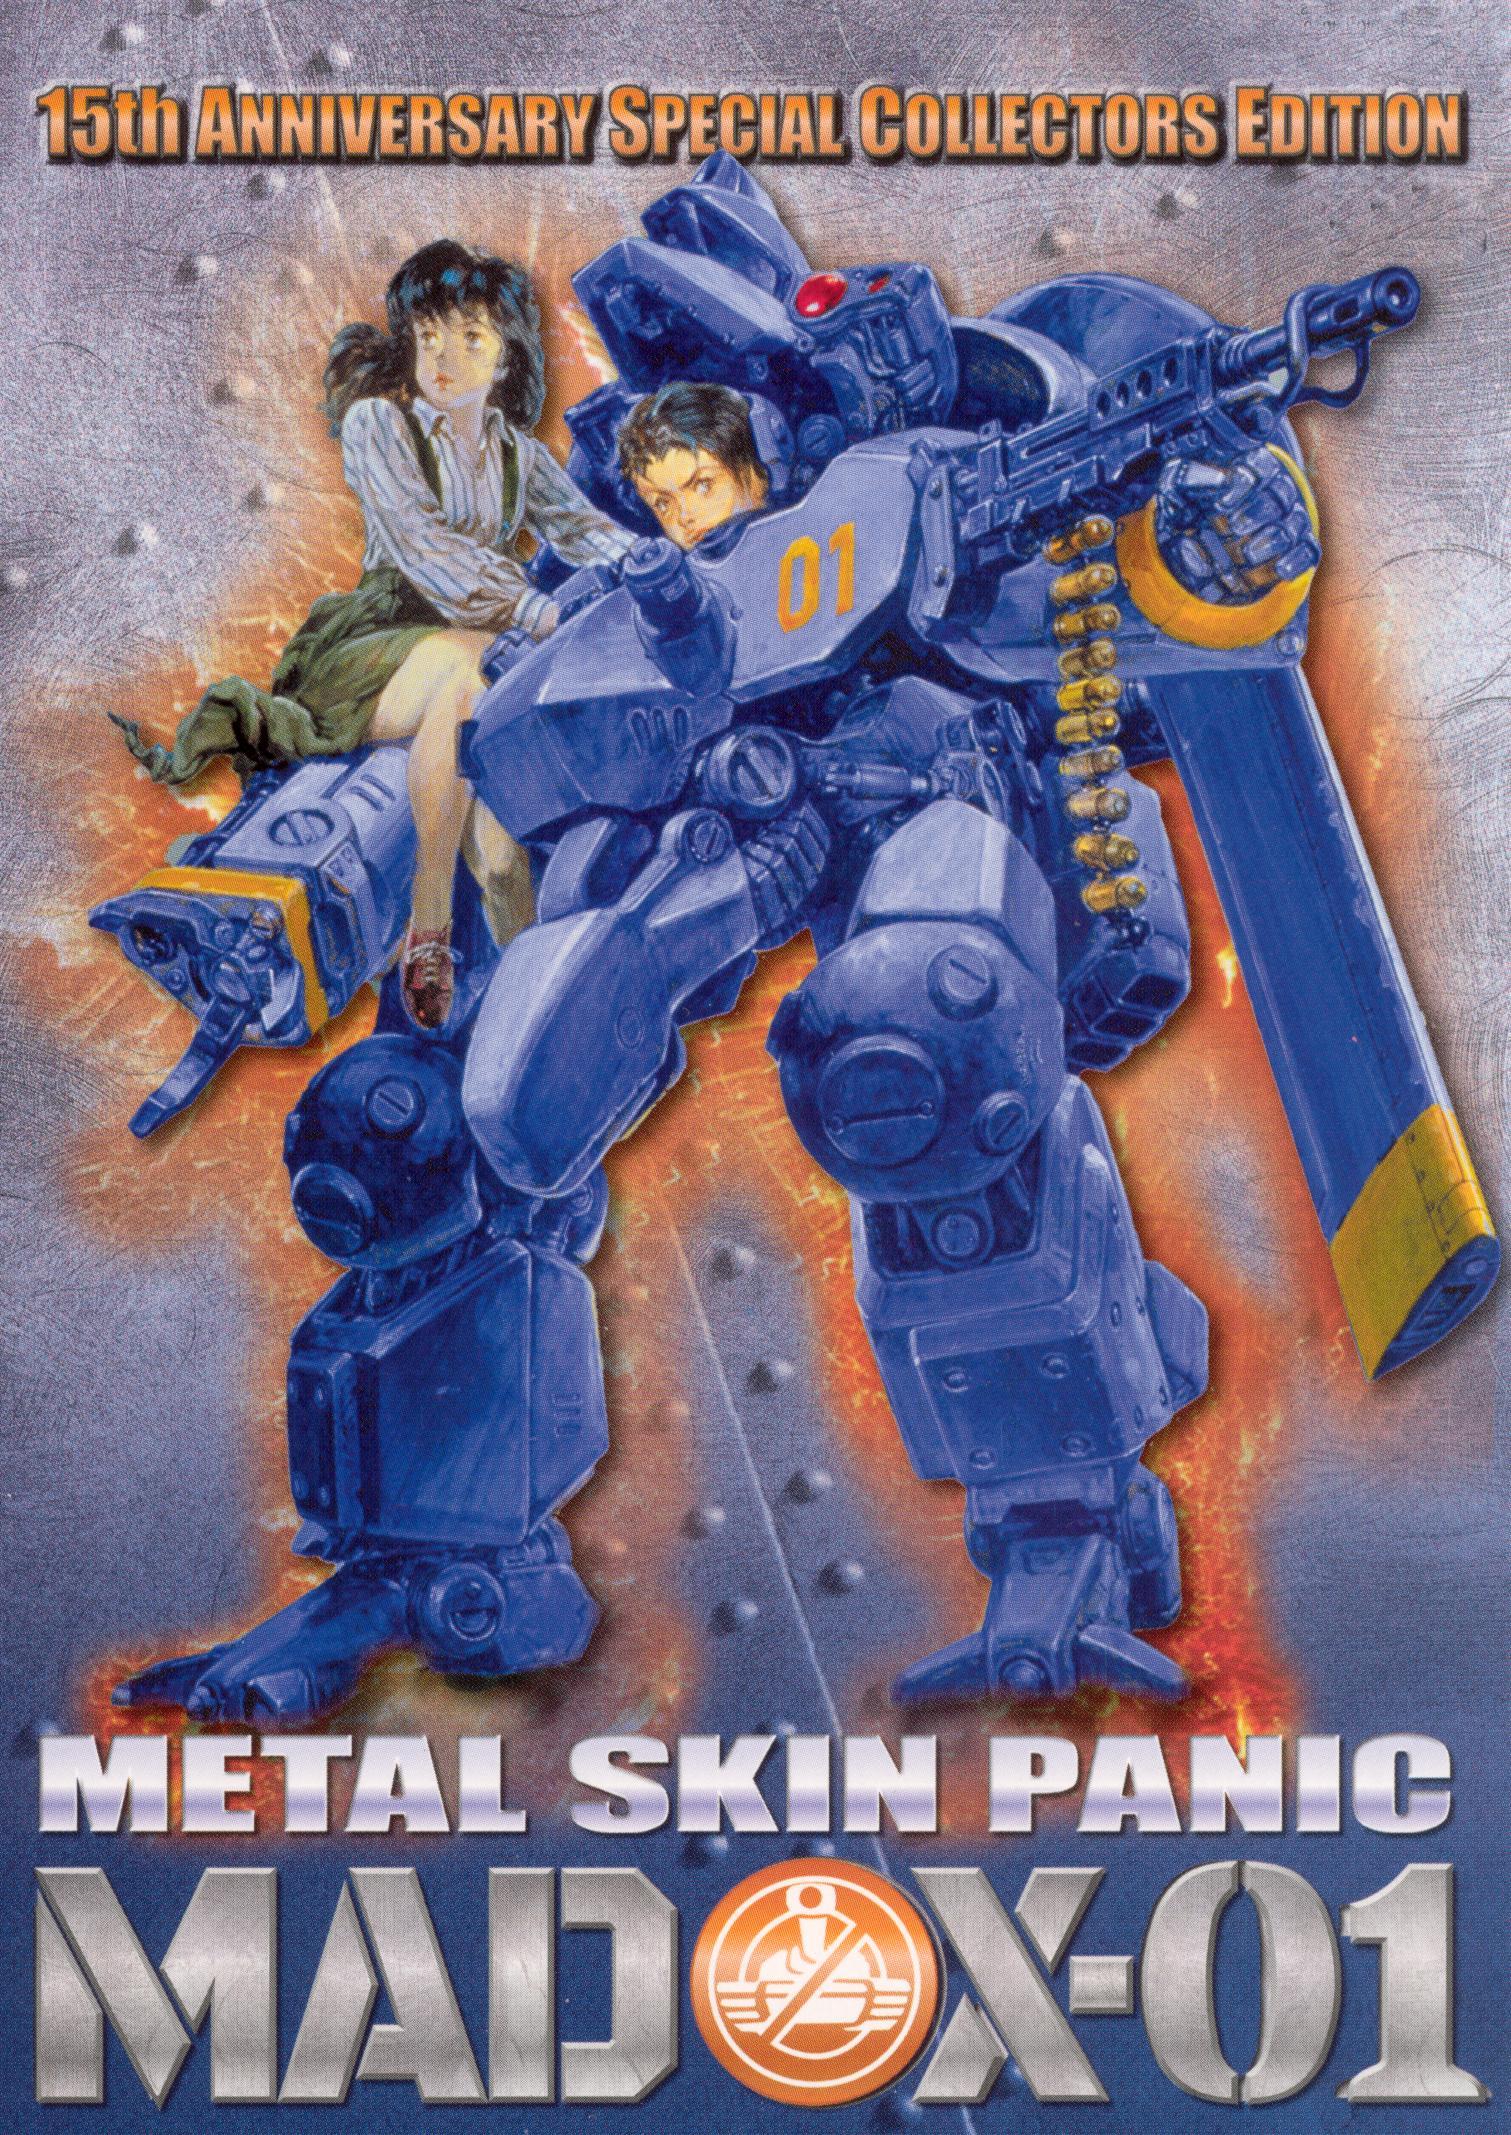 Madox-01: Metal Skin Panic